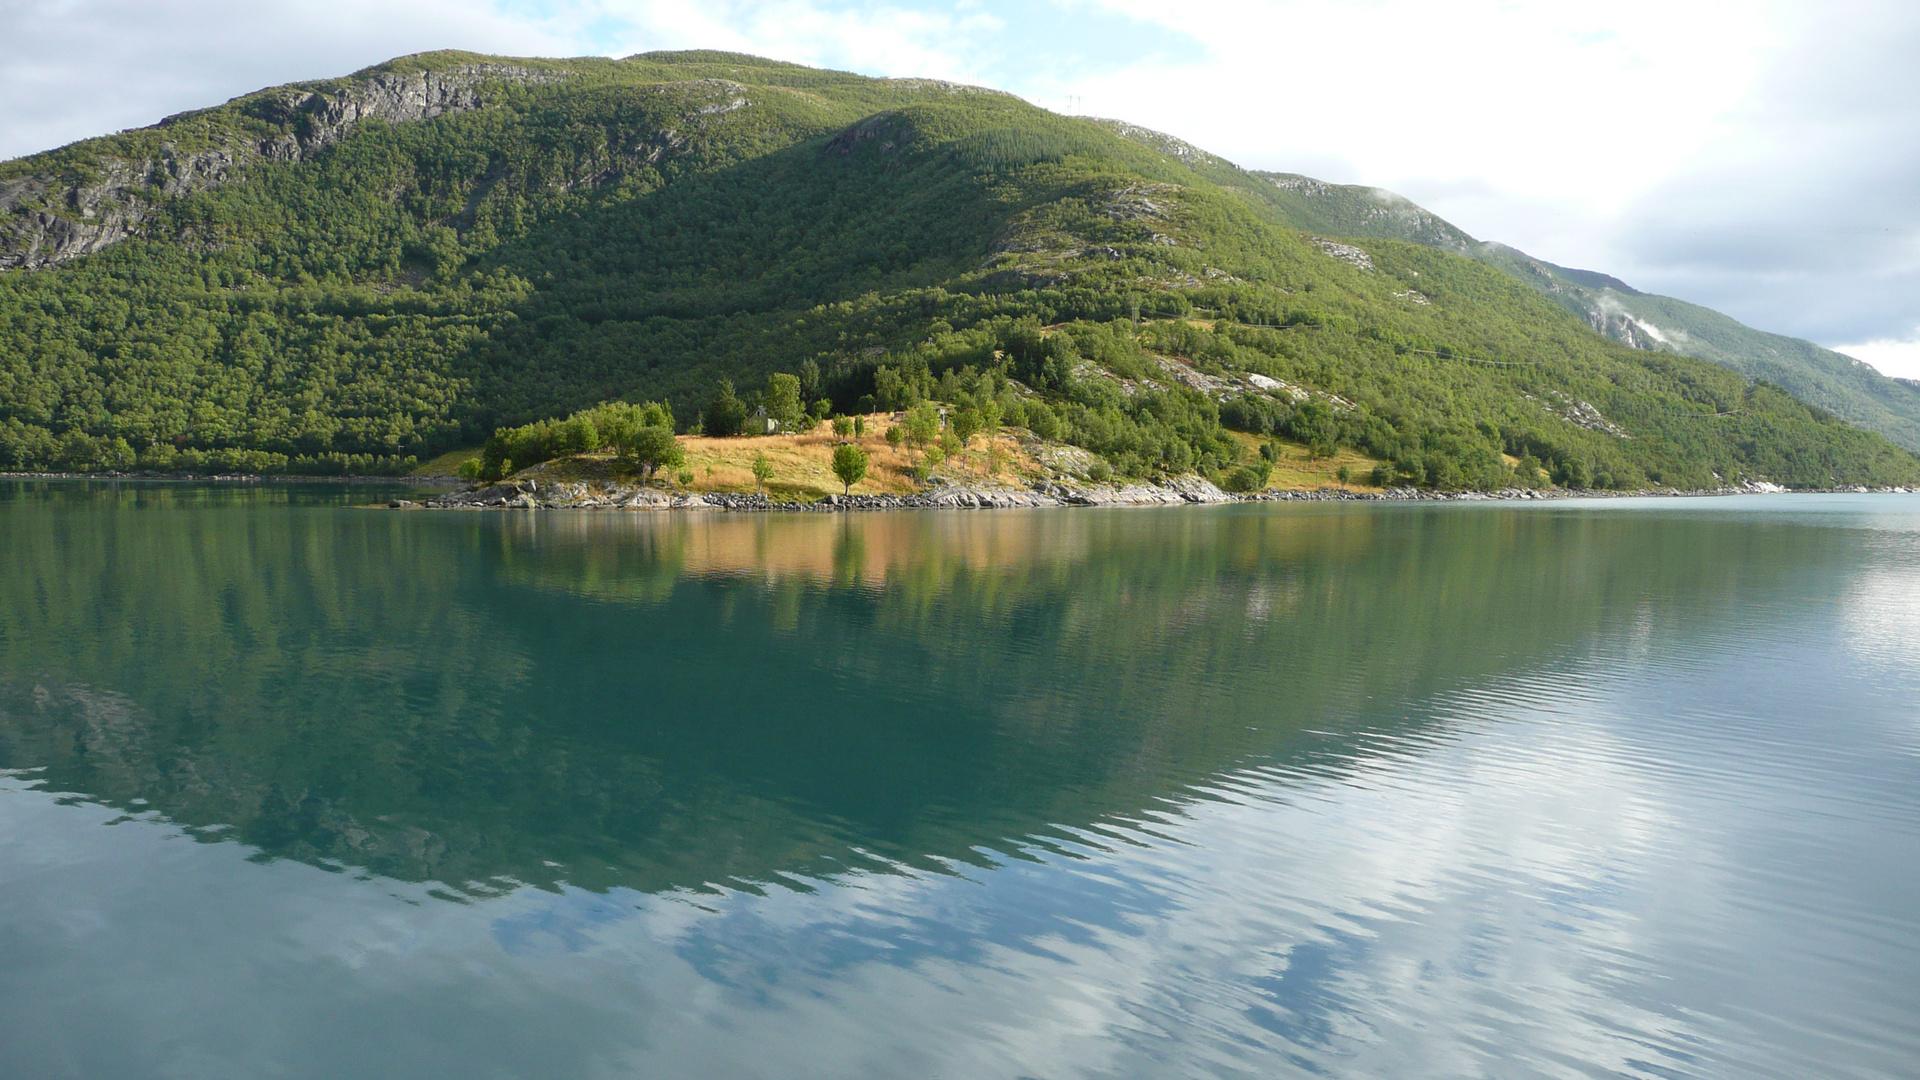 Berg- und Seelandschaft